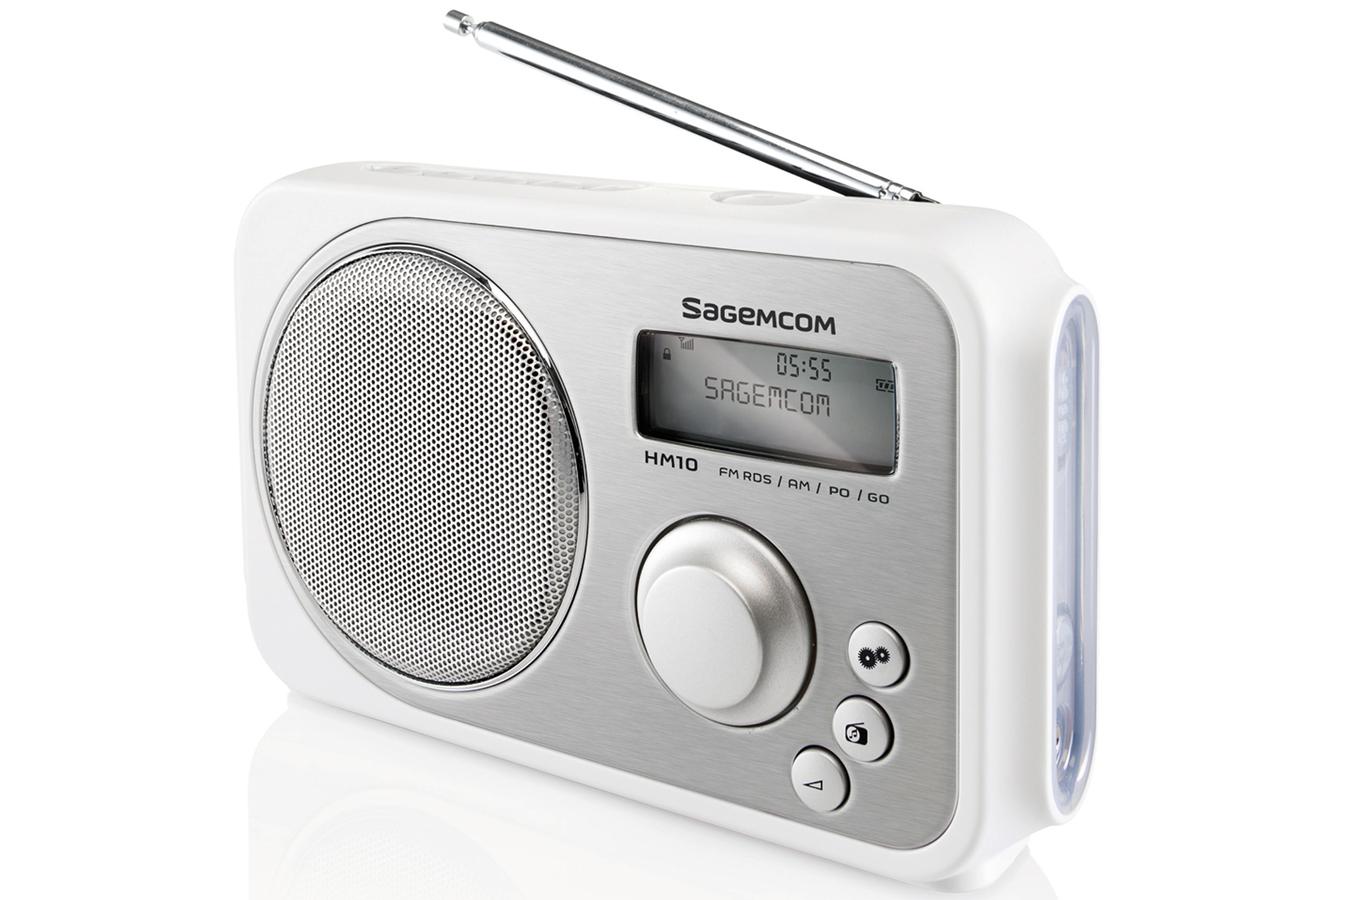 Radio sagemcom hm10 3392520 darty for Radio de cuisine